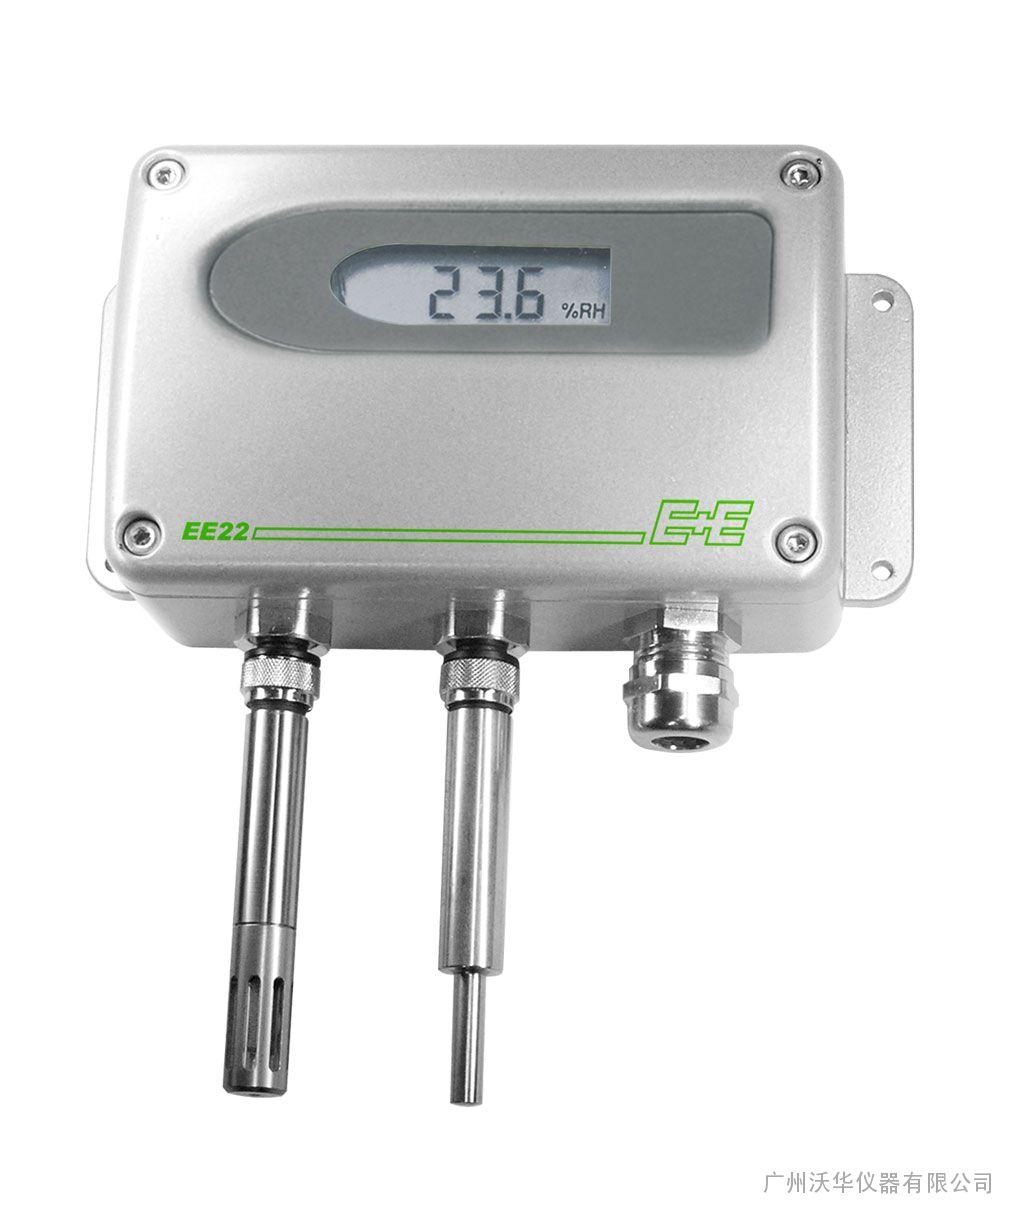 奥地利E+E可更换探头的温湿度变送器EE220-P6A1/T24温度变送器